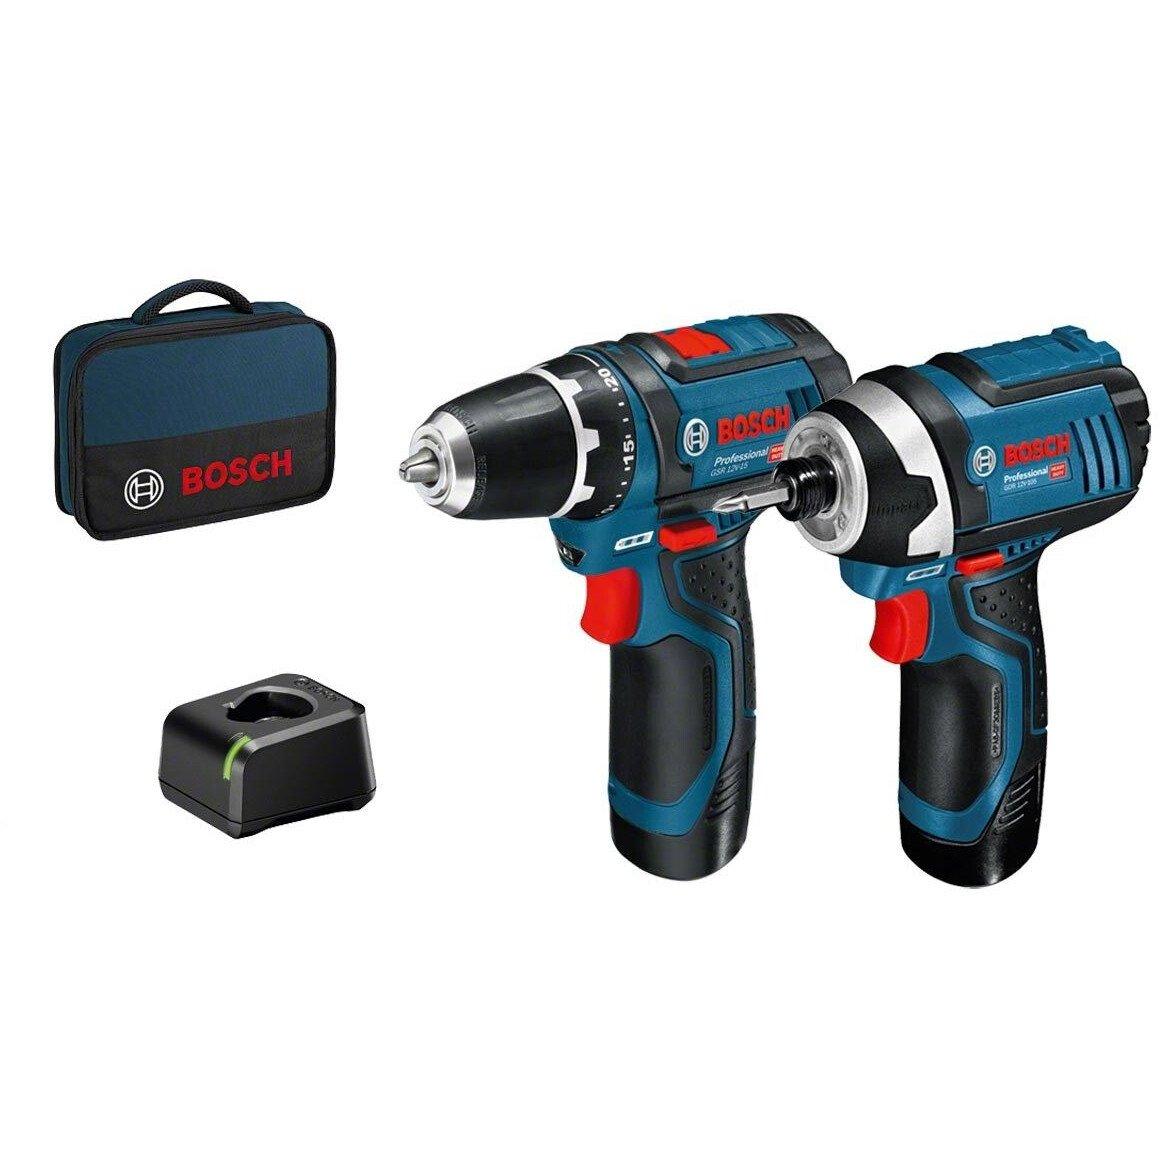 Bosch GSB 12V-15 Combi Drill +GDR 12V-105 Impact Driver 12V 2 Speed Combi Drill+Impact Driver with 2x 2.0Ah Batteries in Bag